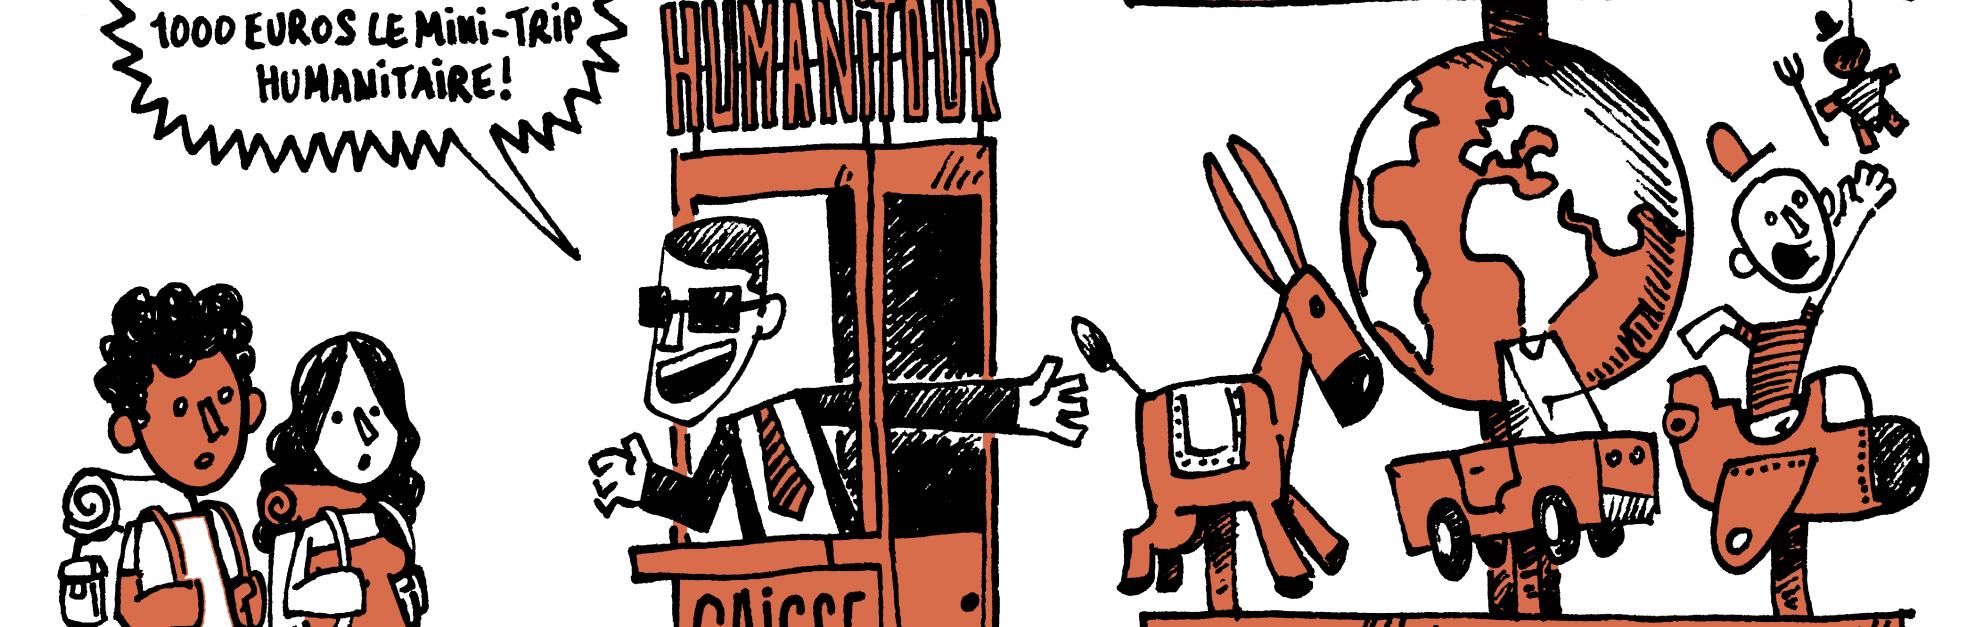 volontourisme caricature